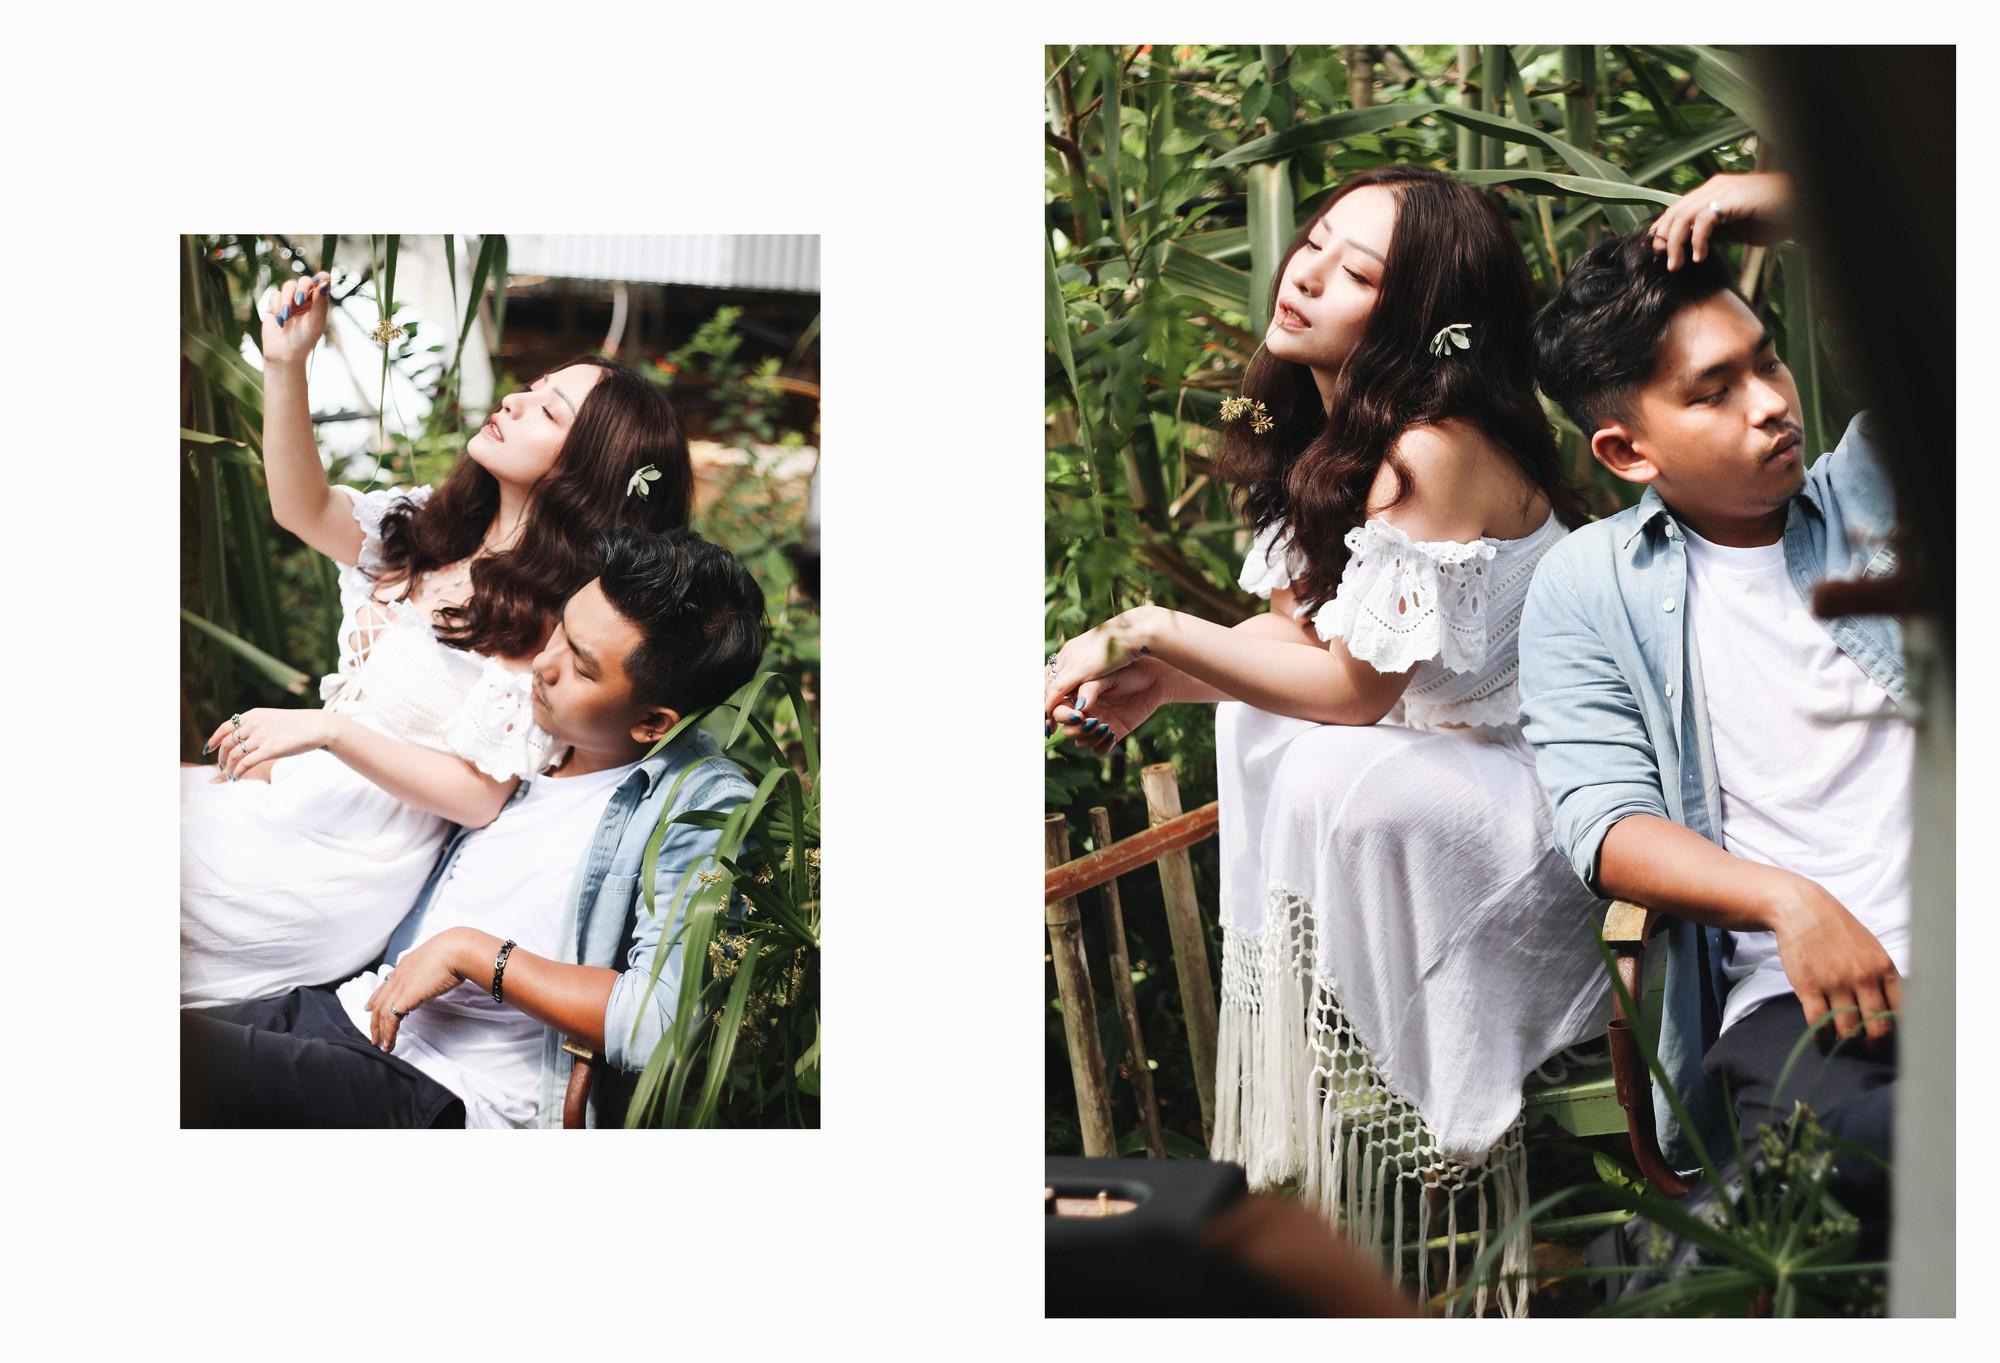 Trước hôn lễ vài ngày, cuối cùng MiA cũng hé lộ loạt ảnh cưới đẹp như MV khiến dân tình ngất ngây - Ảnh 2.